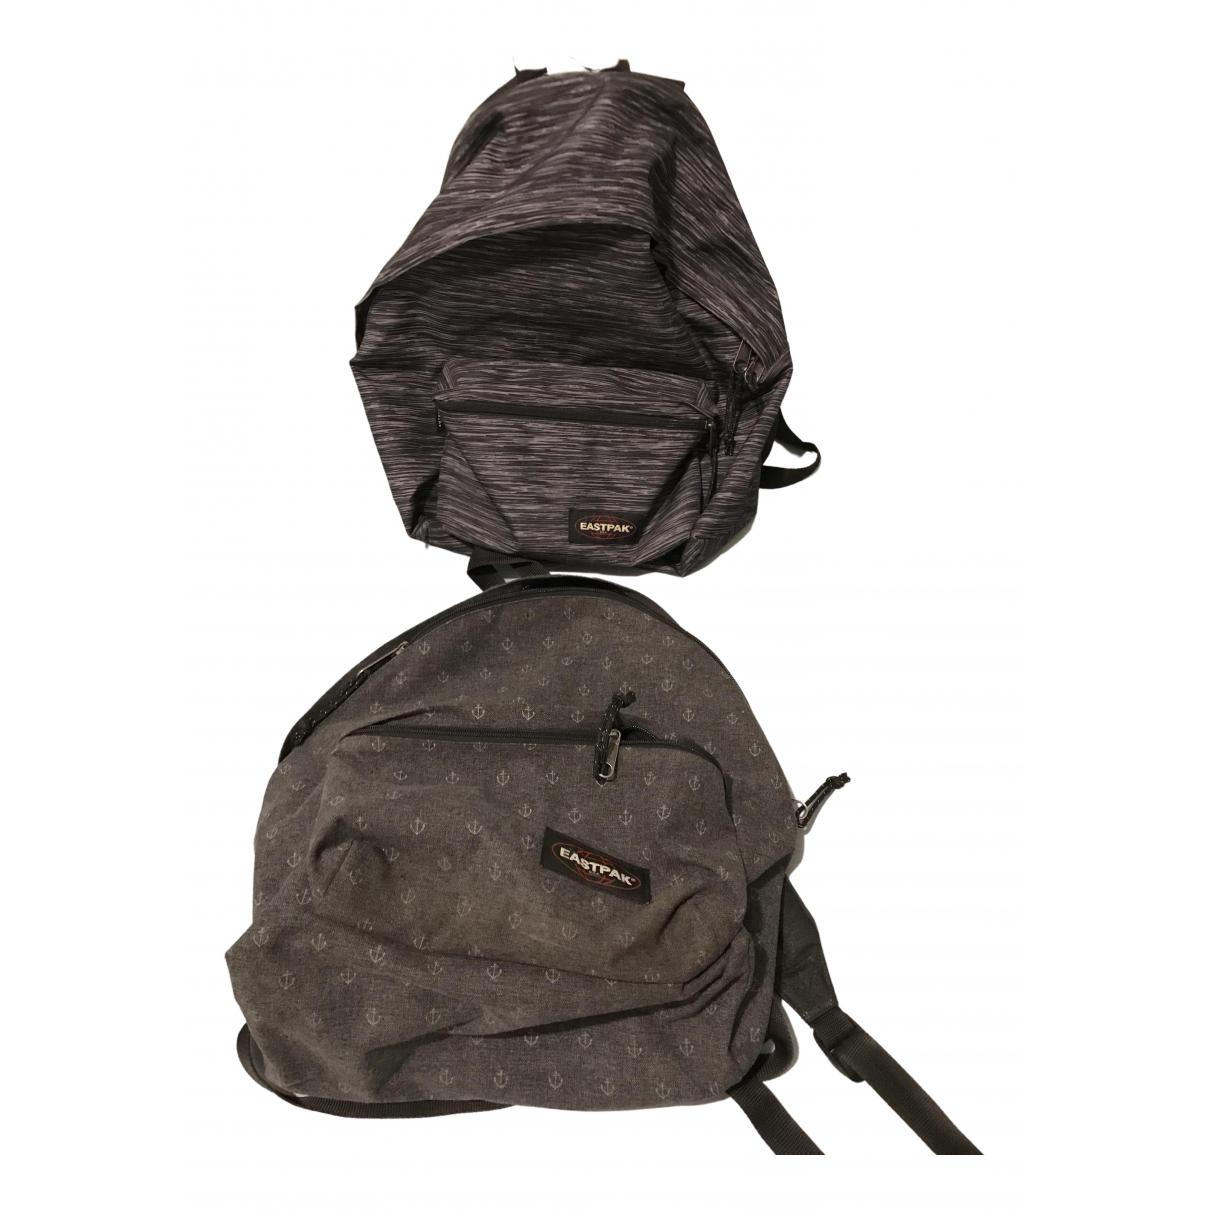 Eastpak - Sac   pour enfant - gris